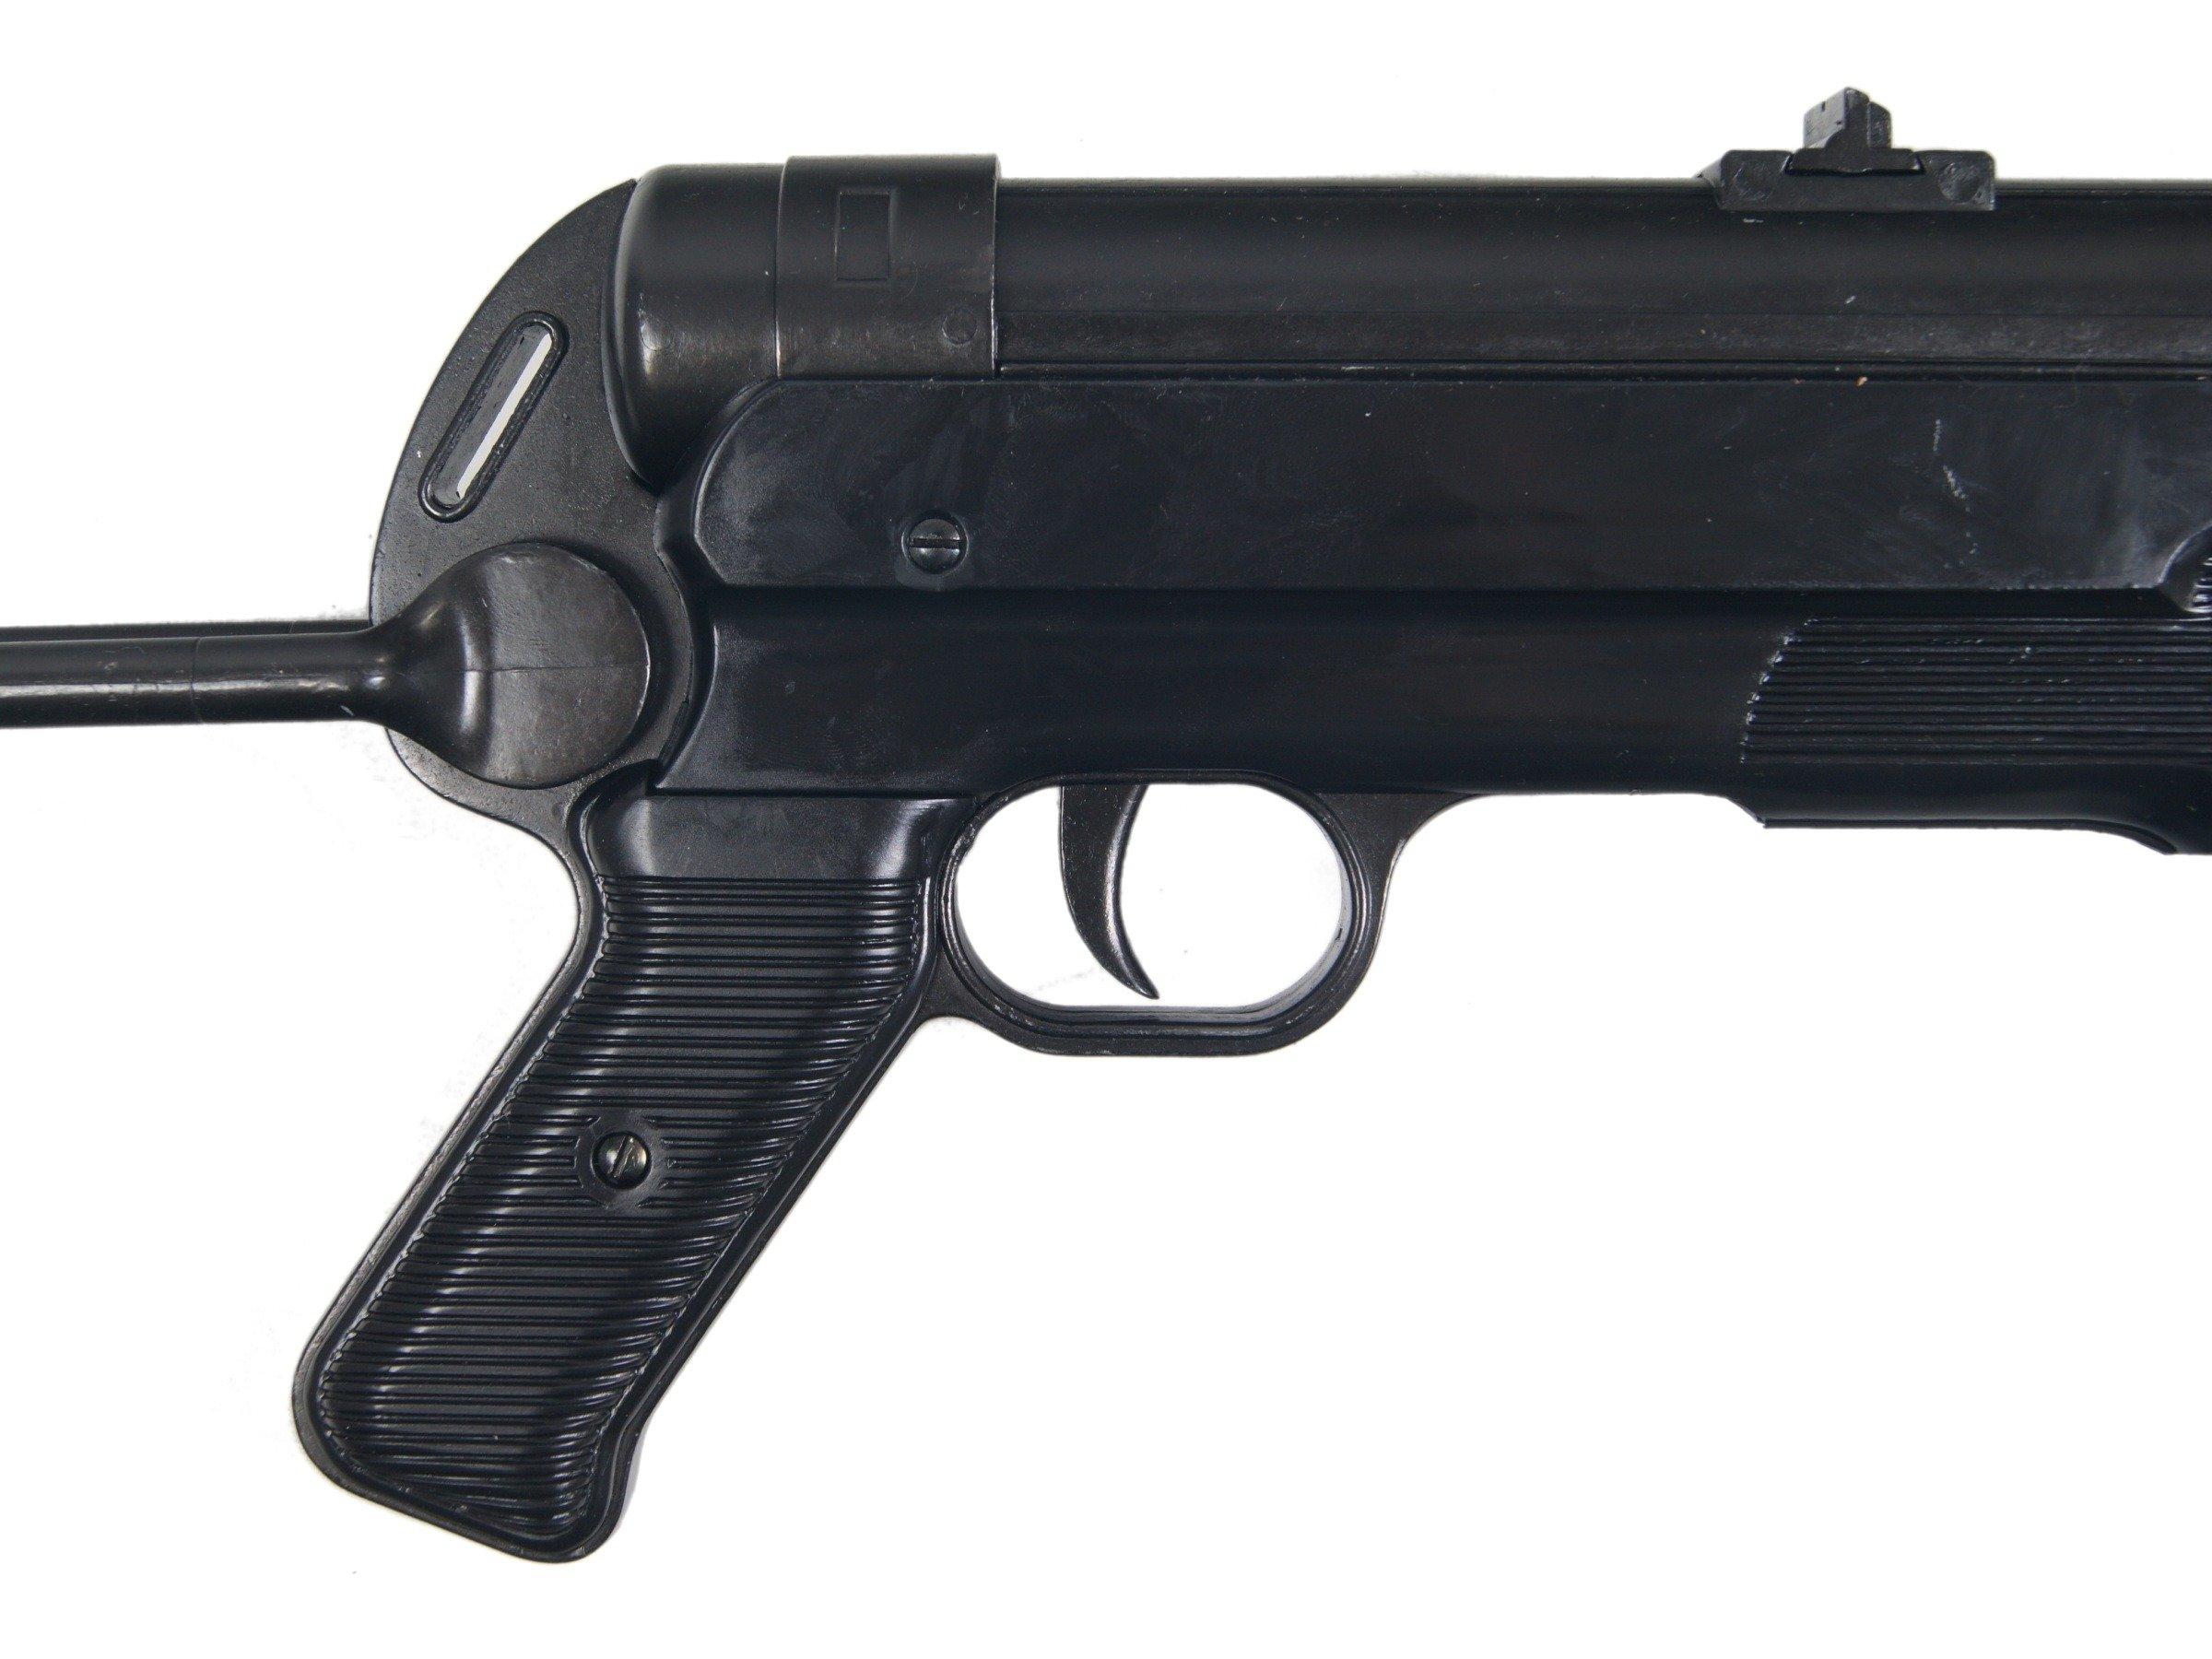 MP-40 non-firing replica